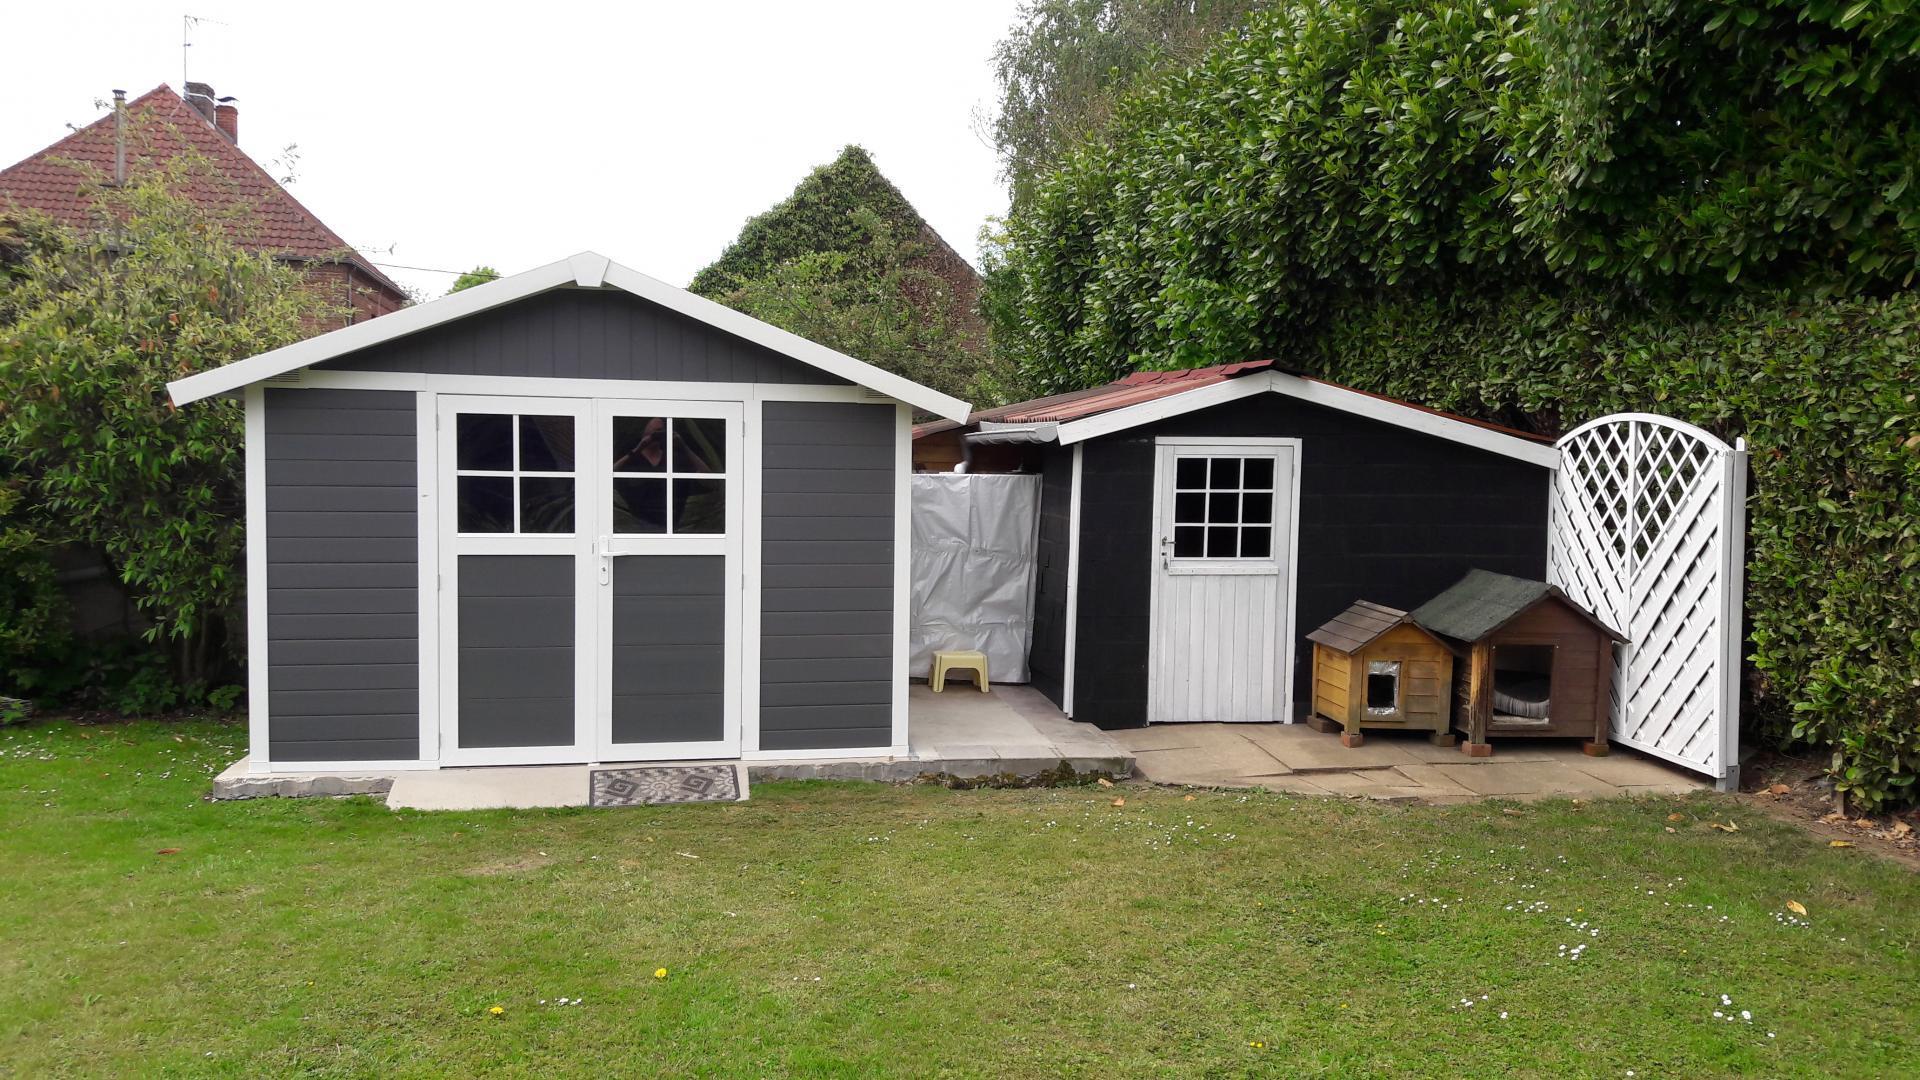 Abri De Jardin En Pvc 11,2M² Deco Gris Foncé Et Blanc pour Abri De Jardin Grosfillex 7 5